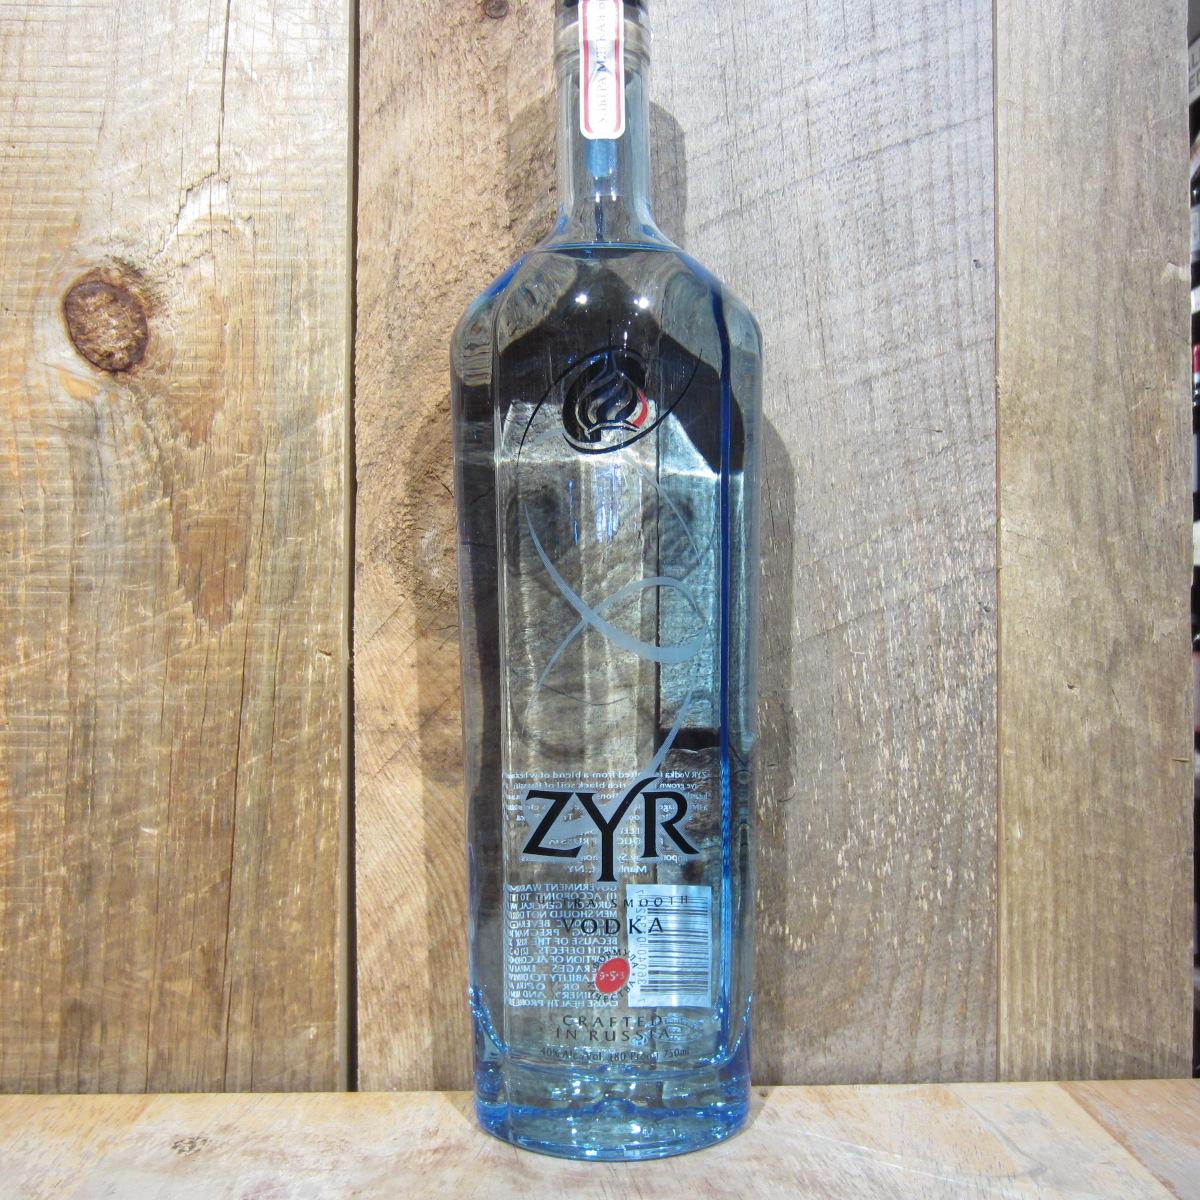 Zyr Vodka 750ml